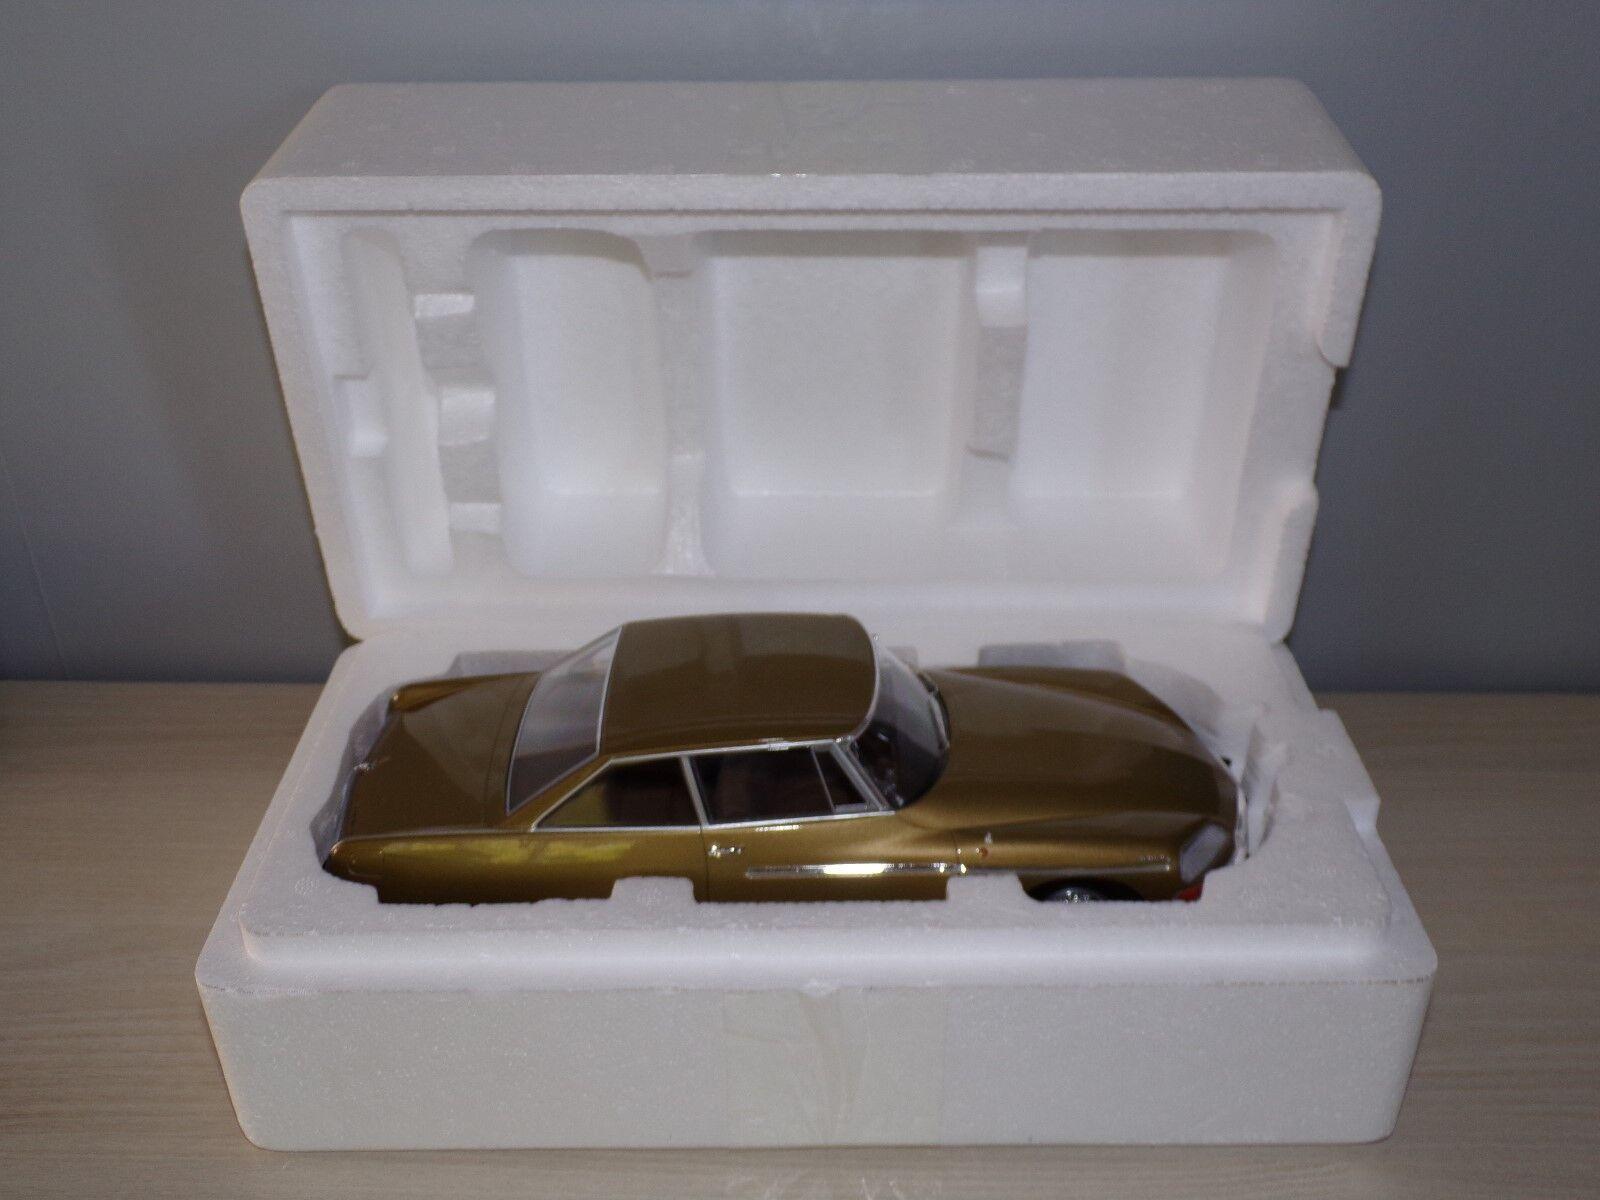 CITROEN DS 21 CHAPRON LE LEMAN 1968 - 1 18° NEUVE EN BOITE - EDITE A 1500 EX